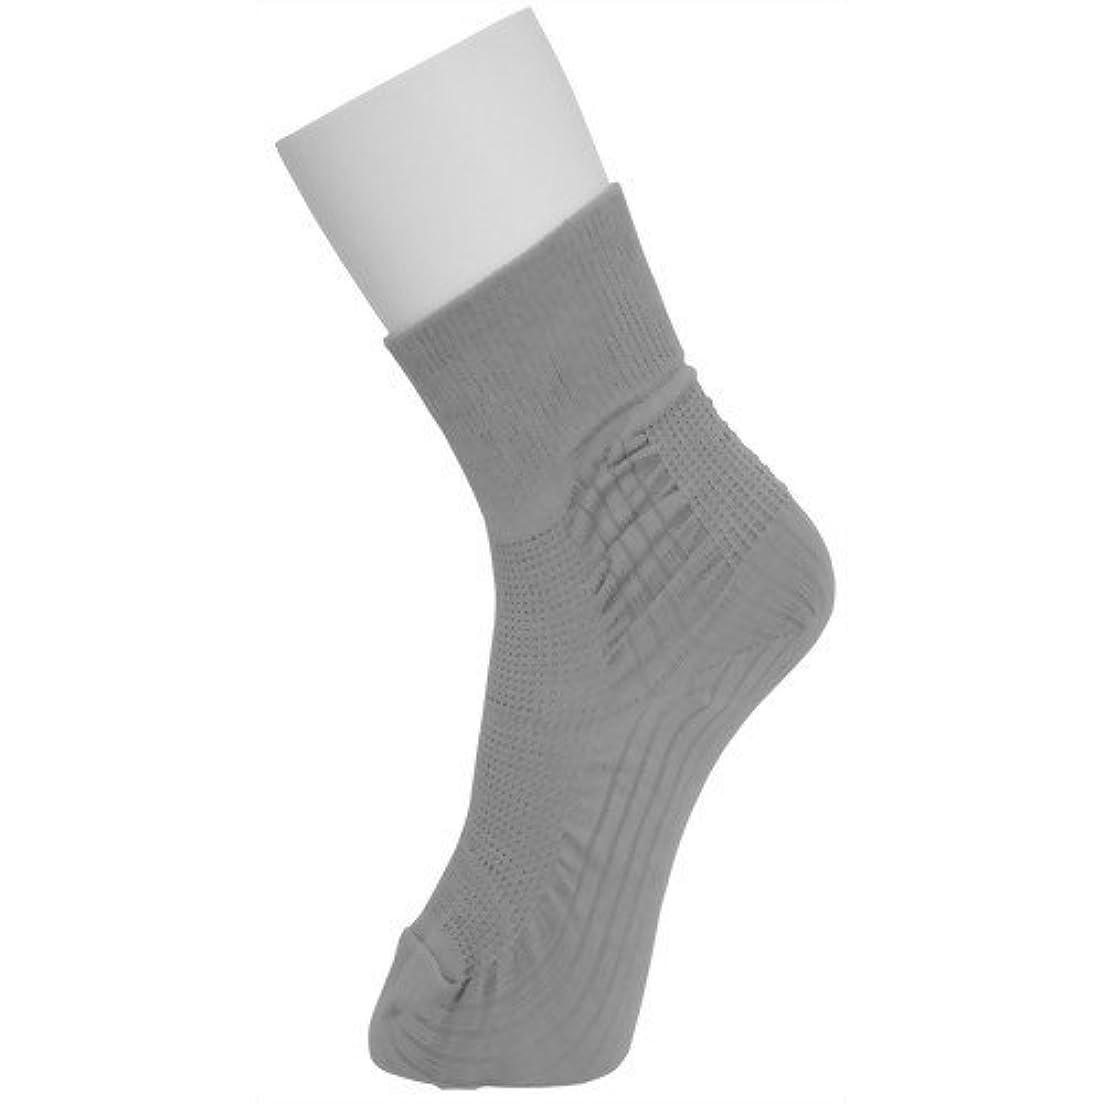 銀河元気な燃やす転倒予防靴下 アガルーノ 同色?同サイズ 2枚組 (26-27cm, グレー)